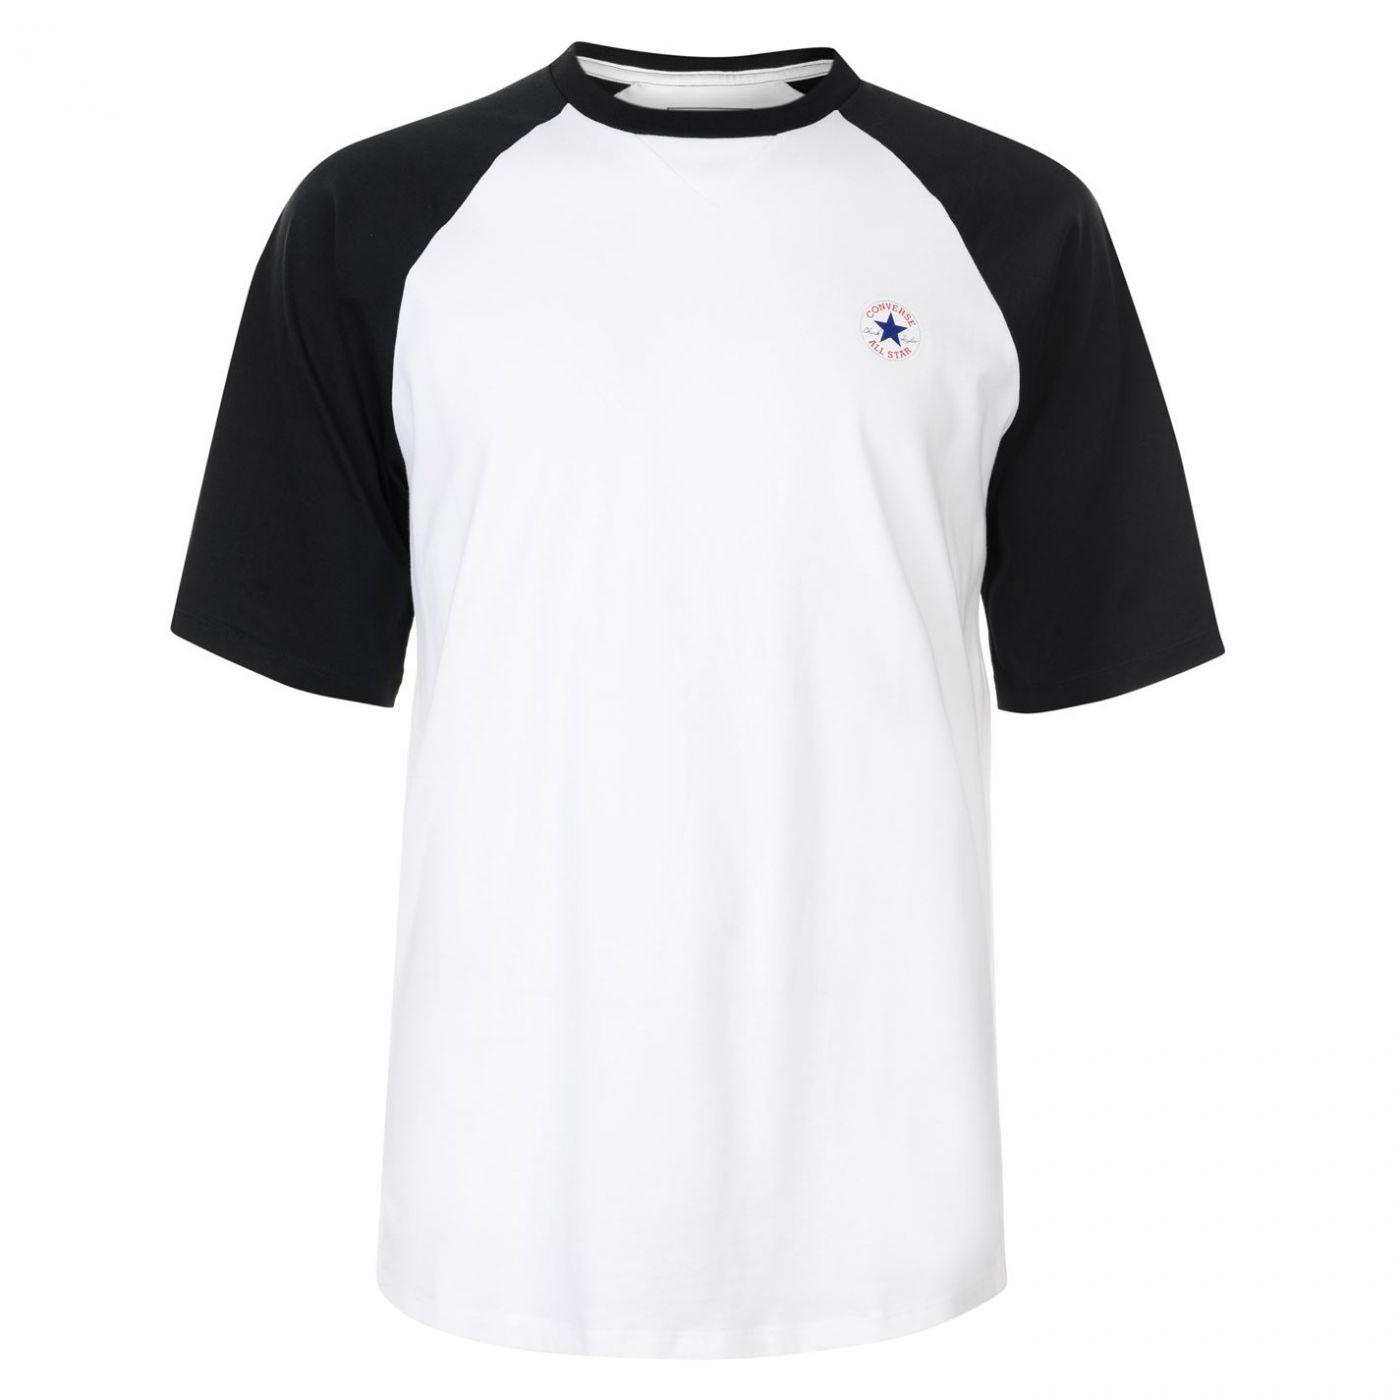 Converse Short Sleeve Raglan T Shirt